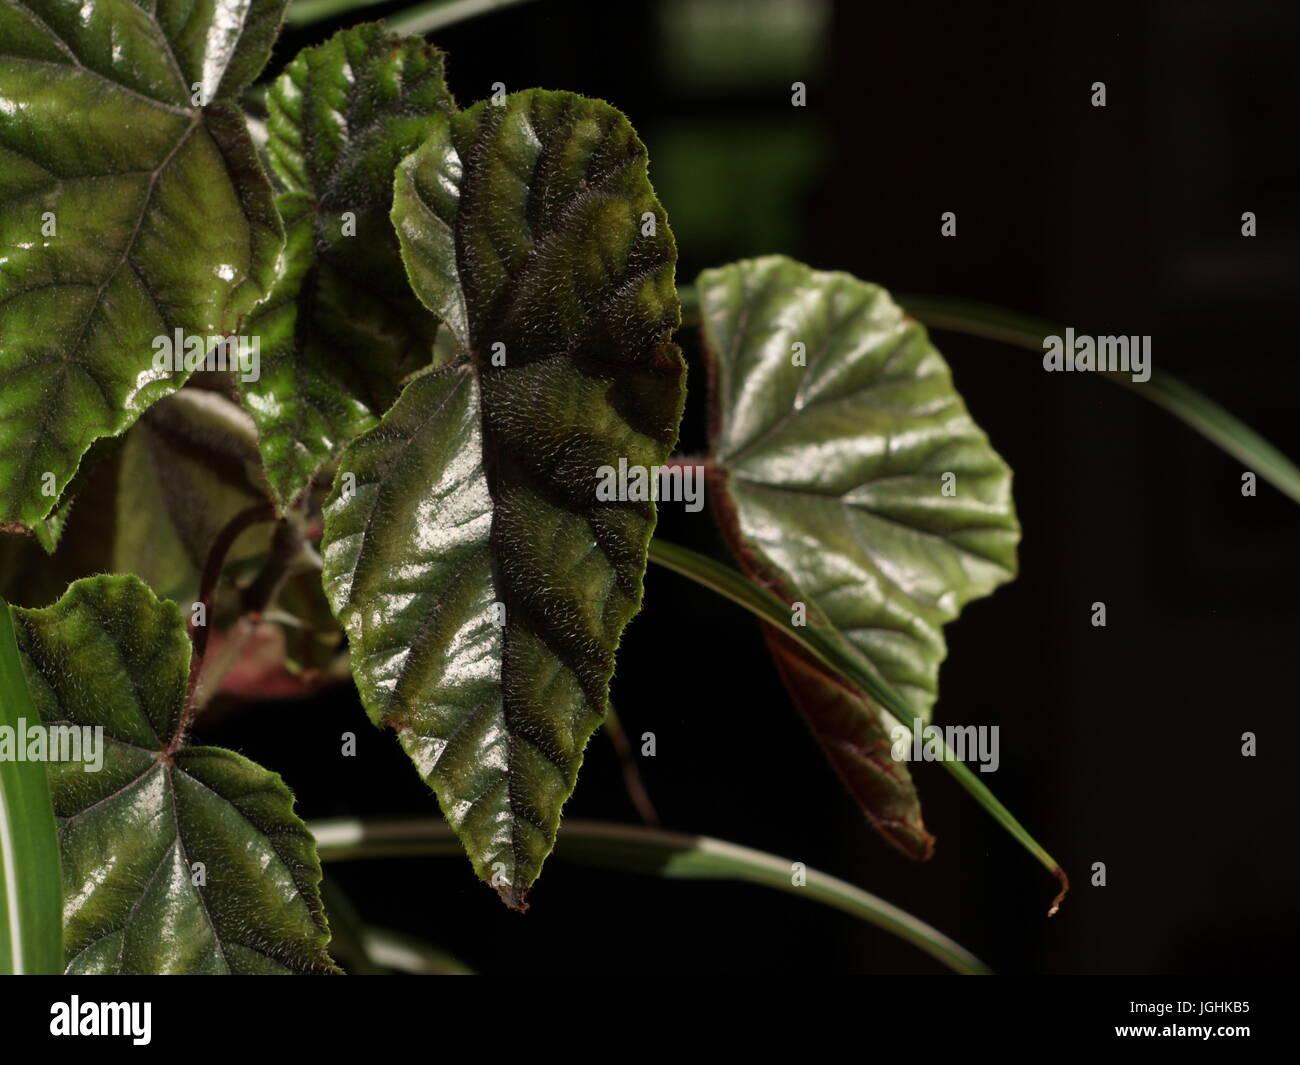 Rex begonia stockfotos rex begonia bilder alamy - Begonie zimmerpflanze ...